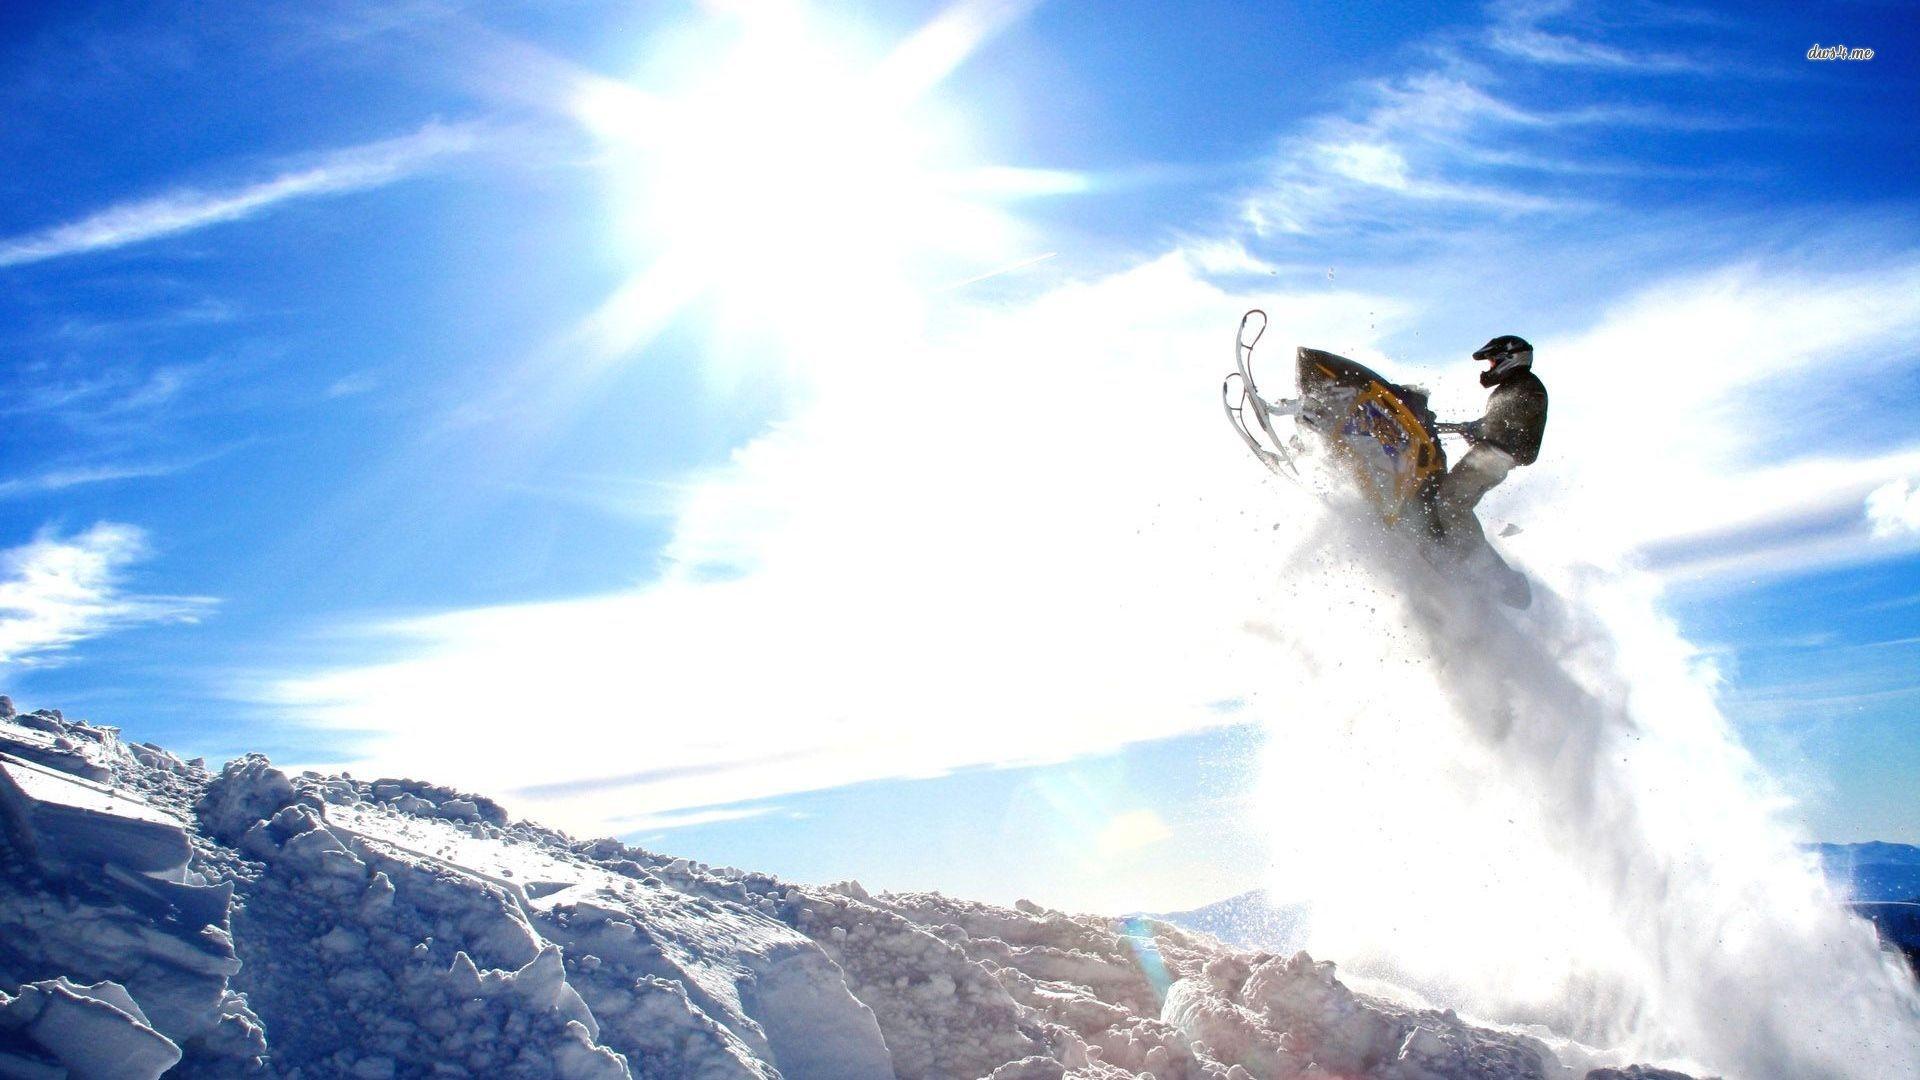 … Snowmobile wallpaper …